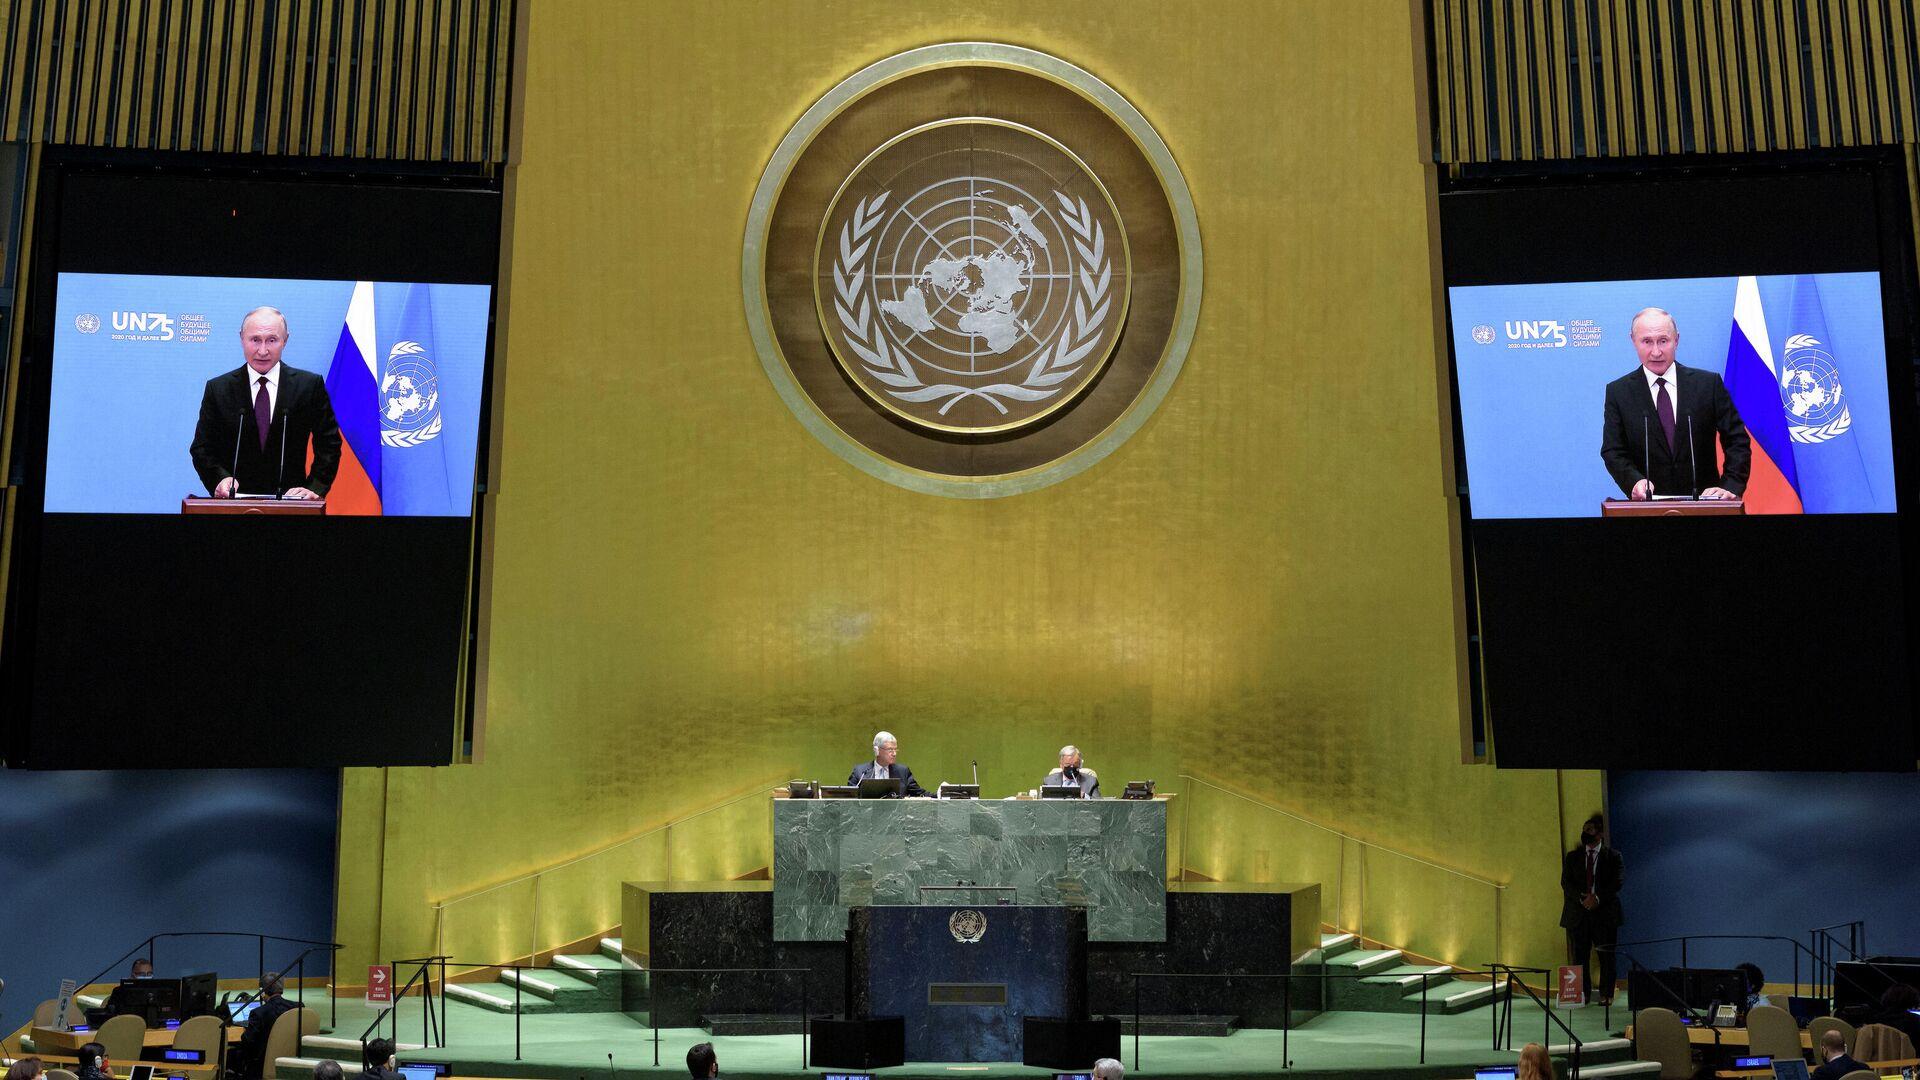 Выступление президента РФ Владимира Путина с видеообращением на 75-й сессии Генассамблеи ООН - РИА Новости, 1920, 23.09.2020